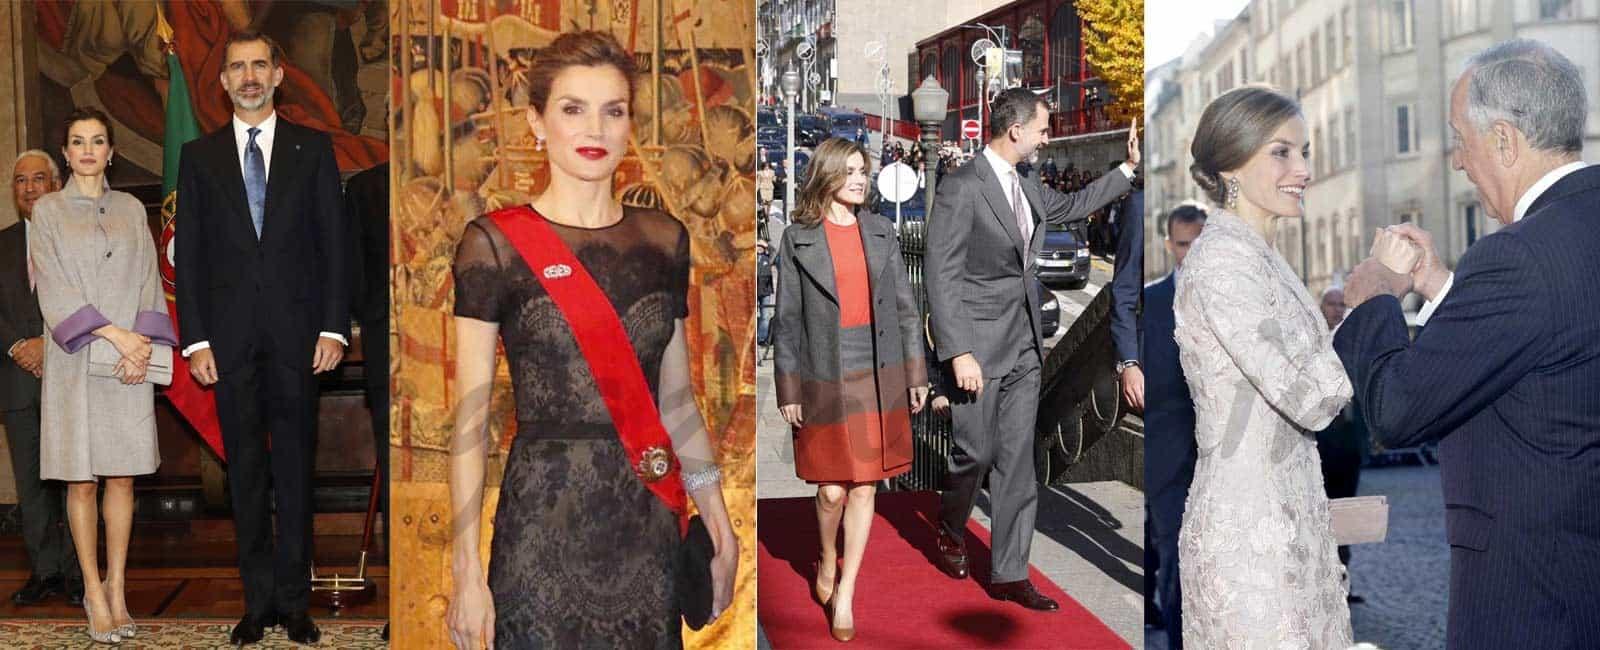 El estilo de la reina Letizia en Portugal